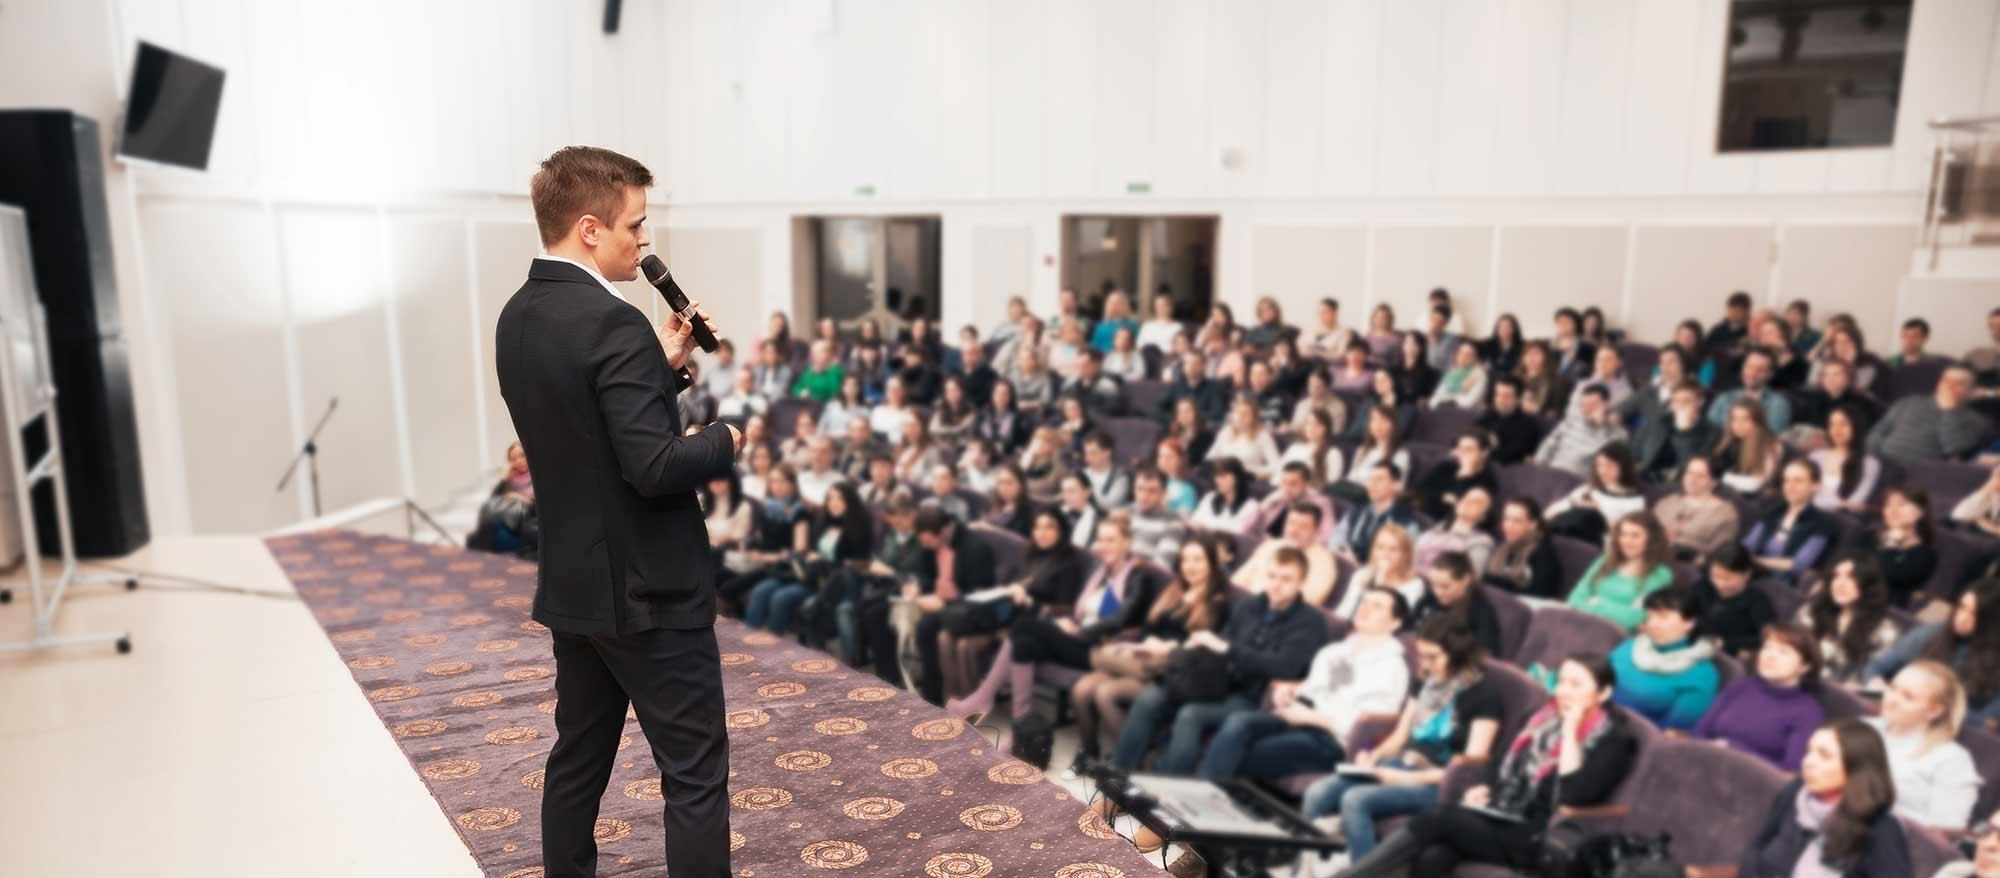 conference-speaker-technology.jpg